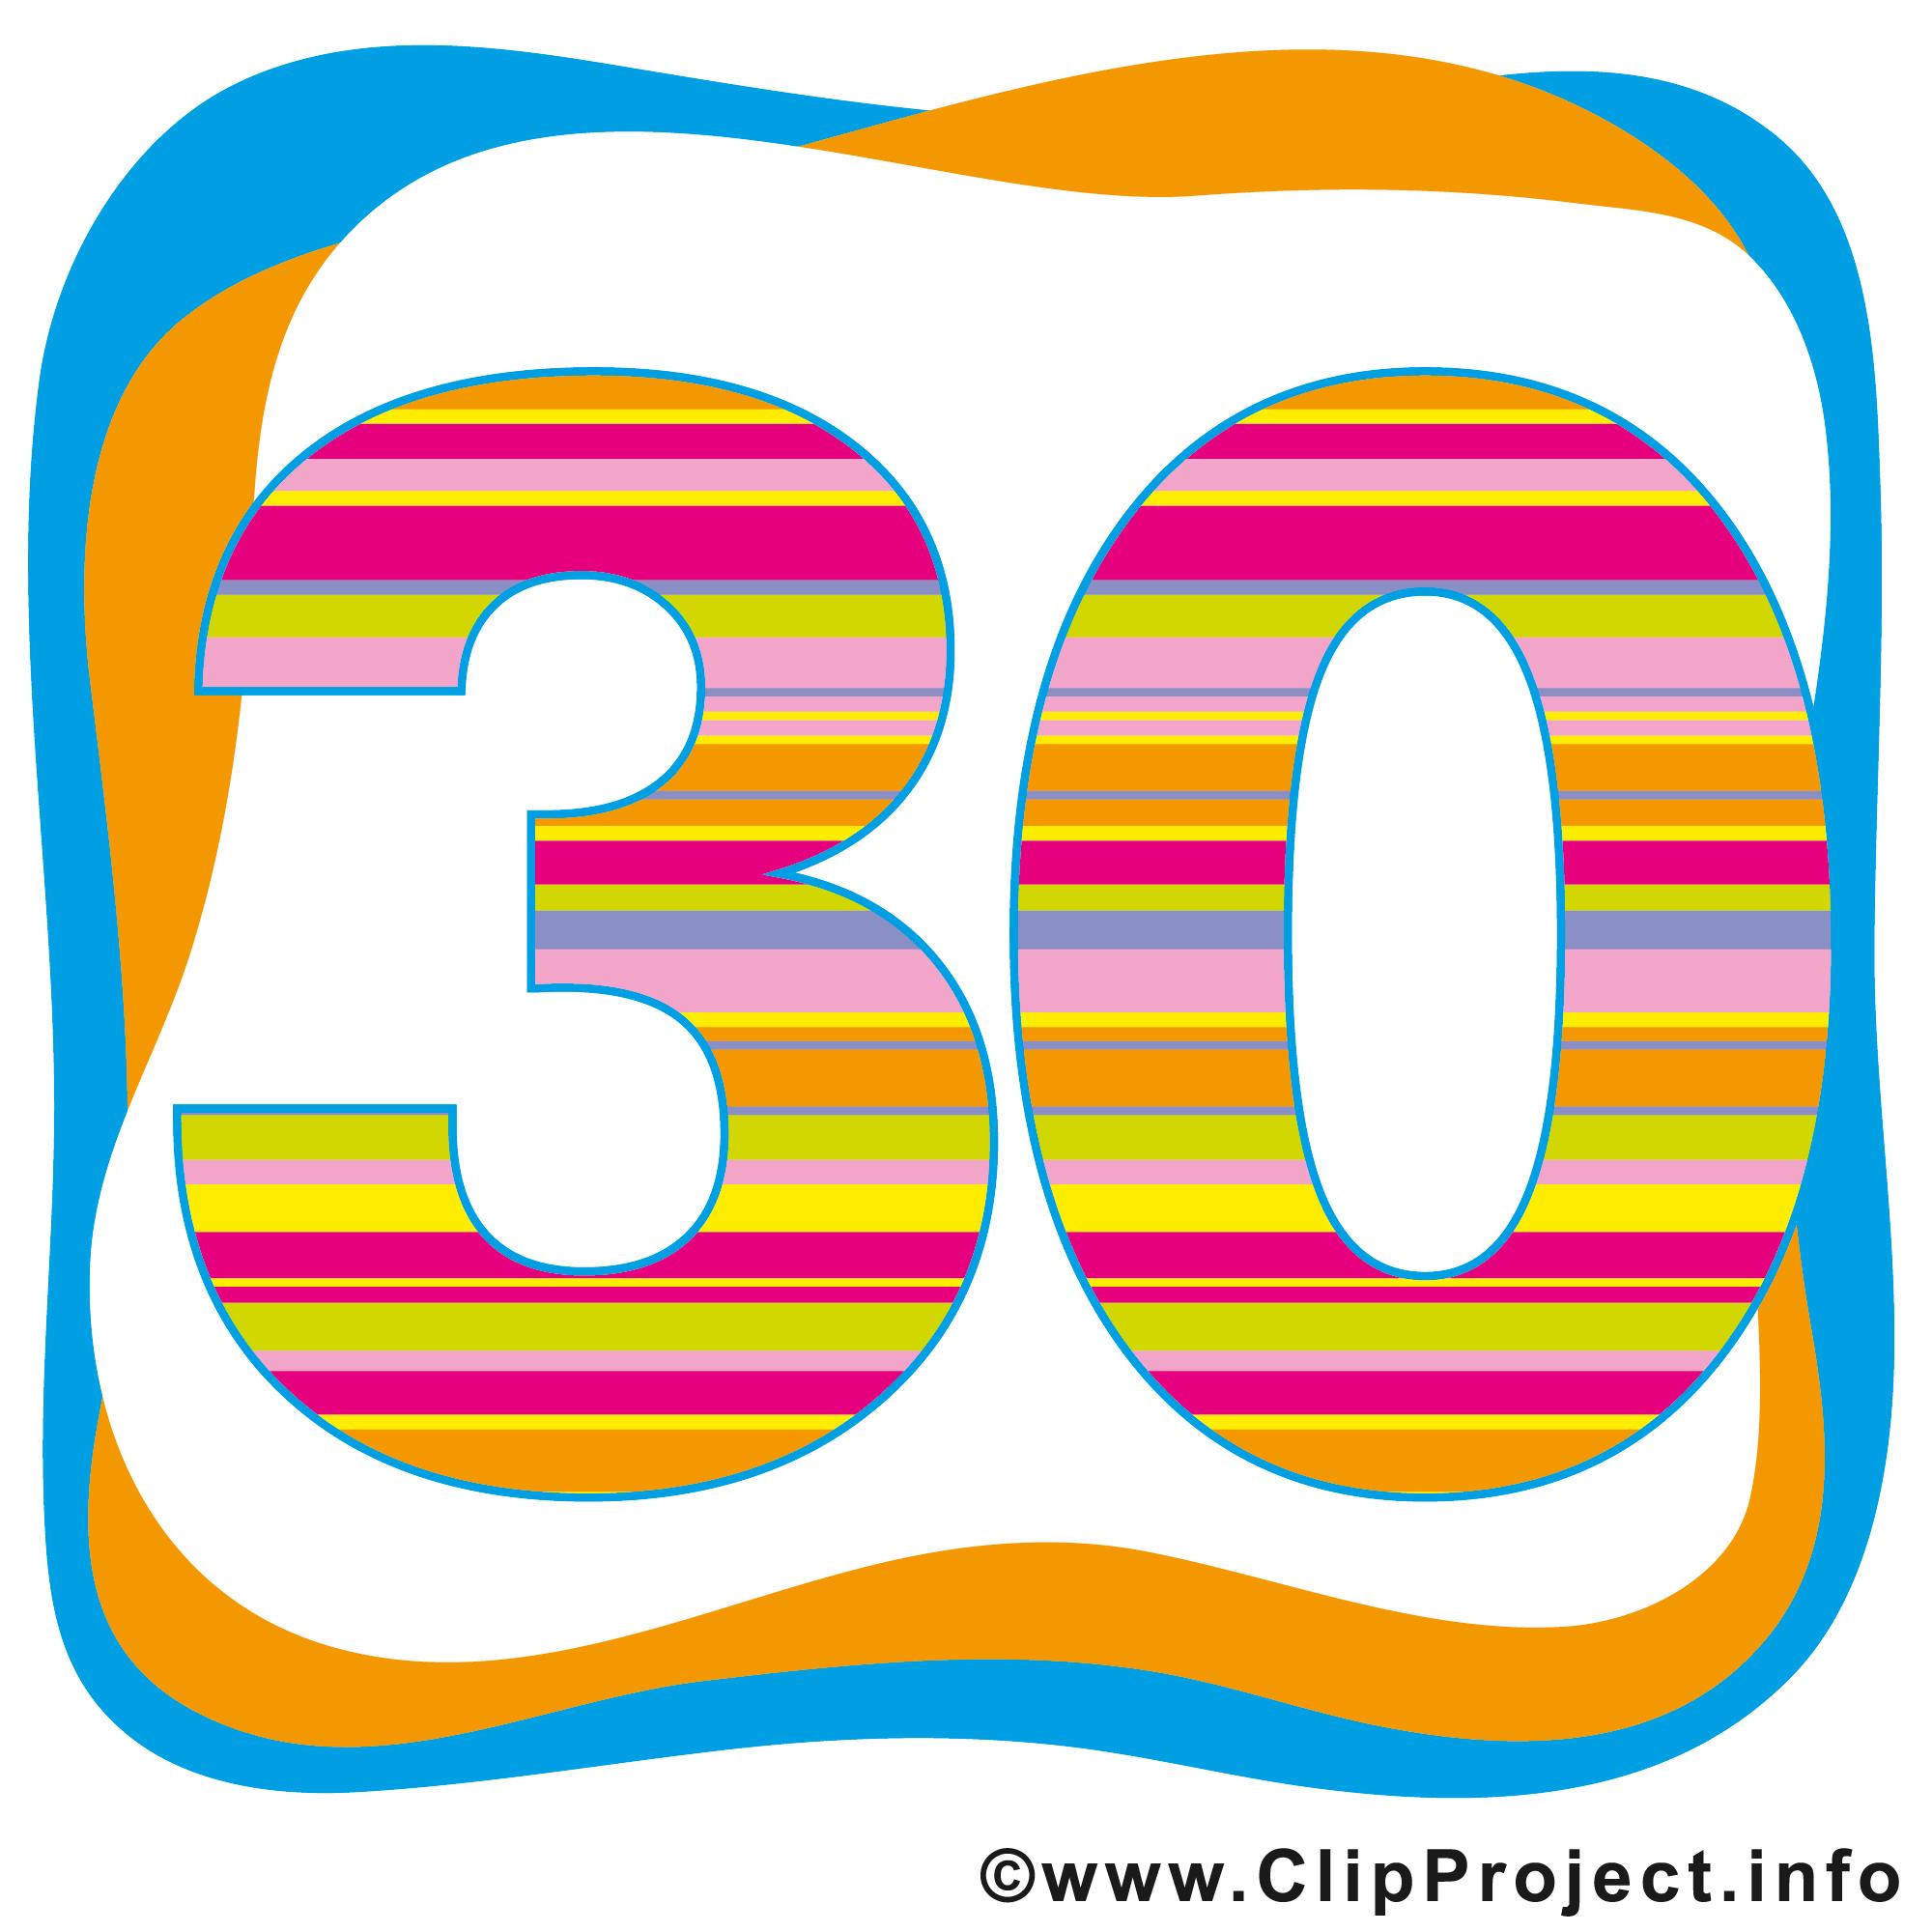 clipart gratuit anniversaire 30 ans - photo #1